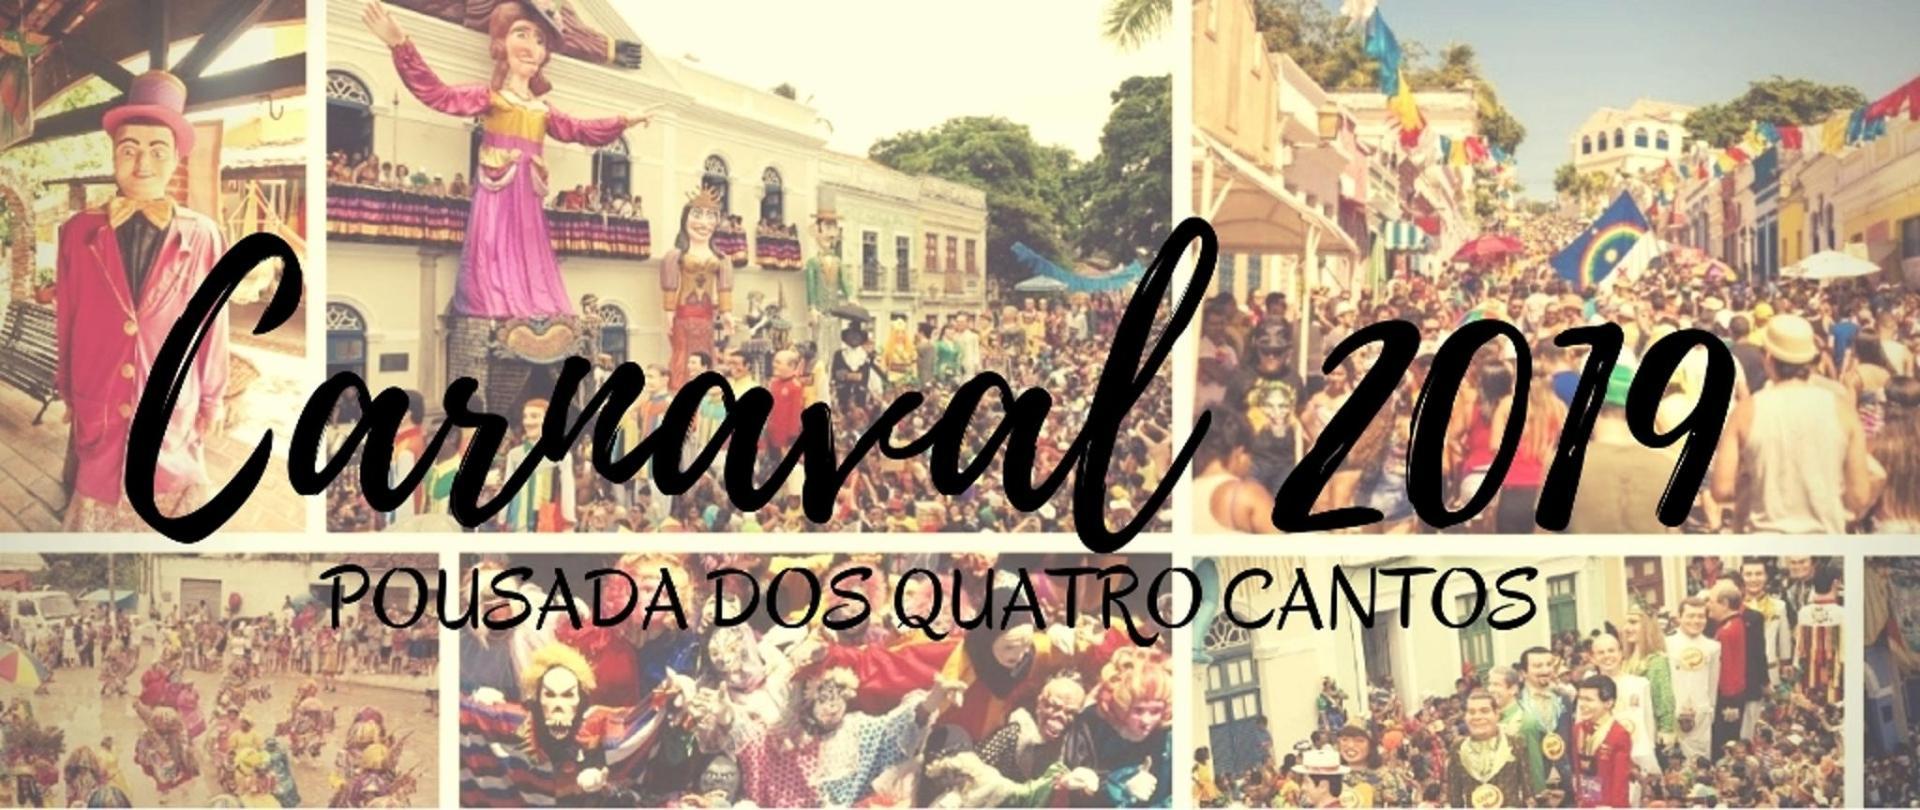 Carnaval 2019 SITE 9.jpg